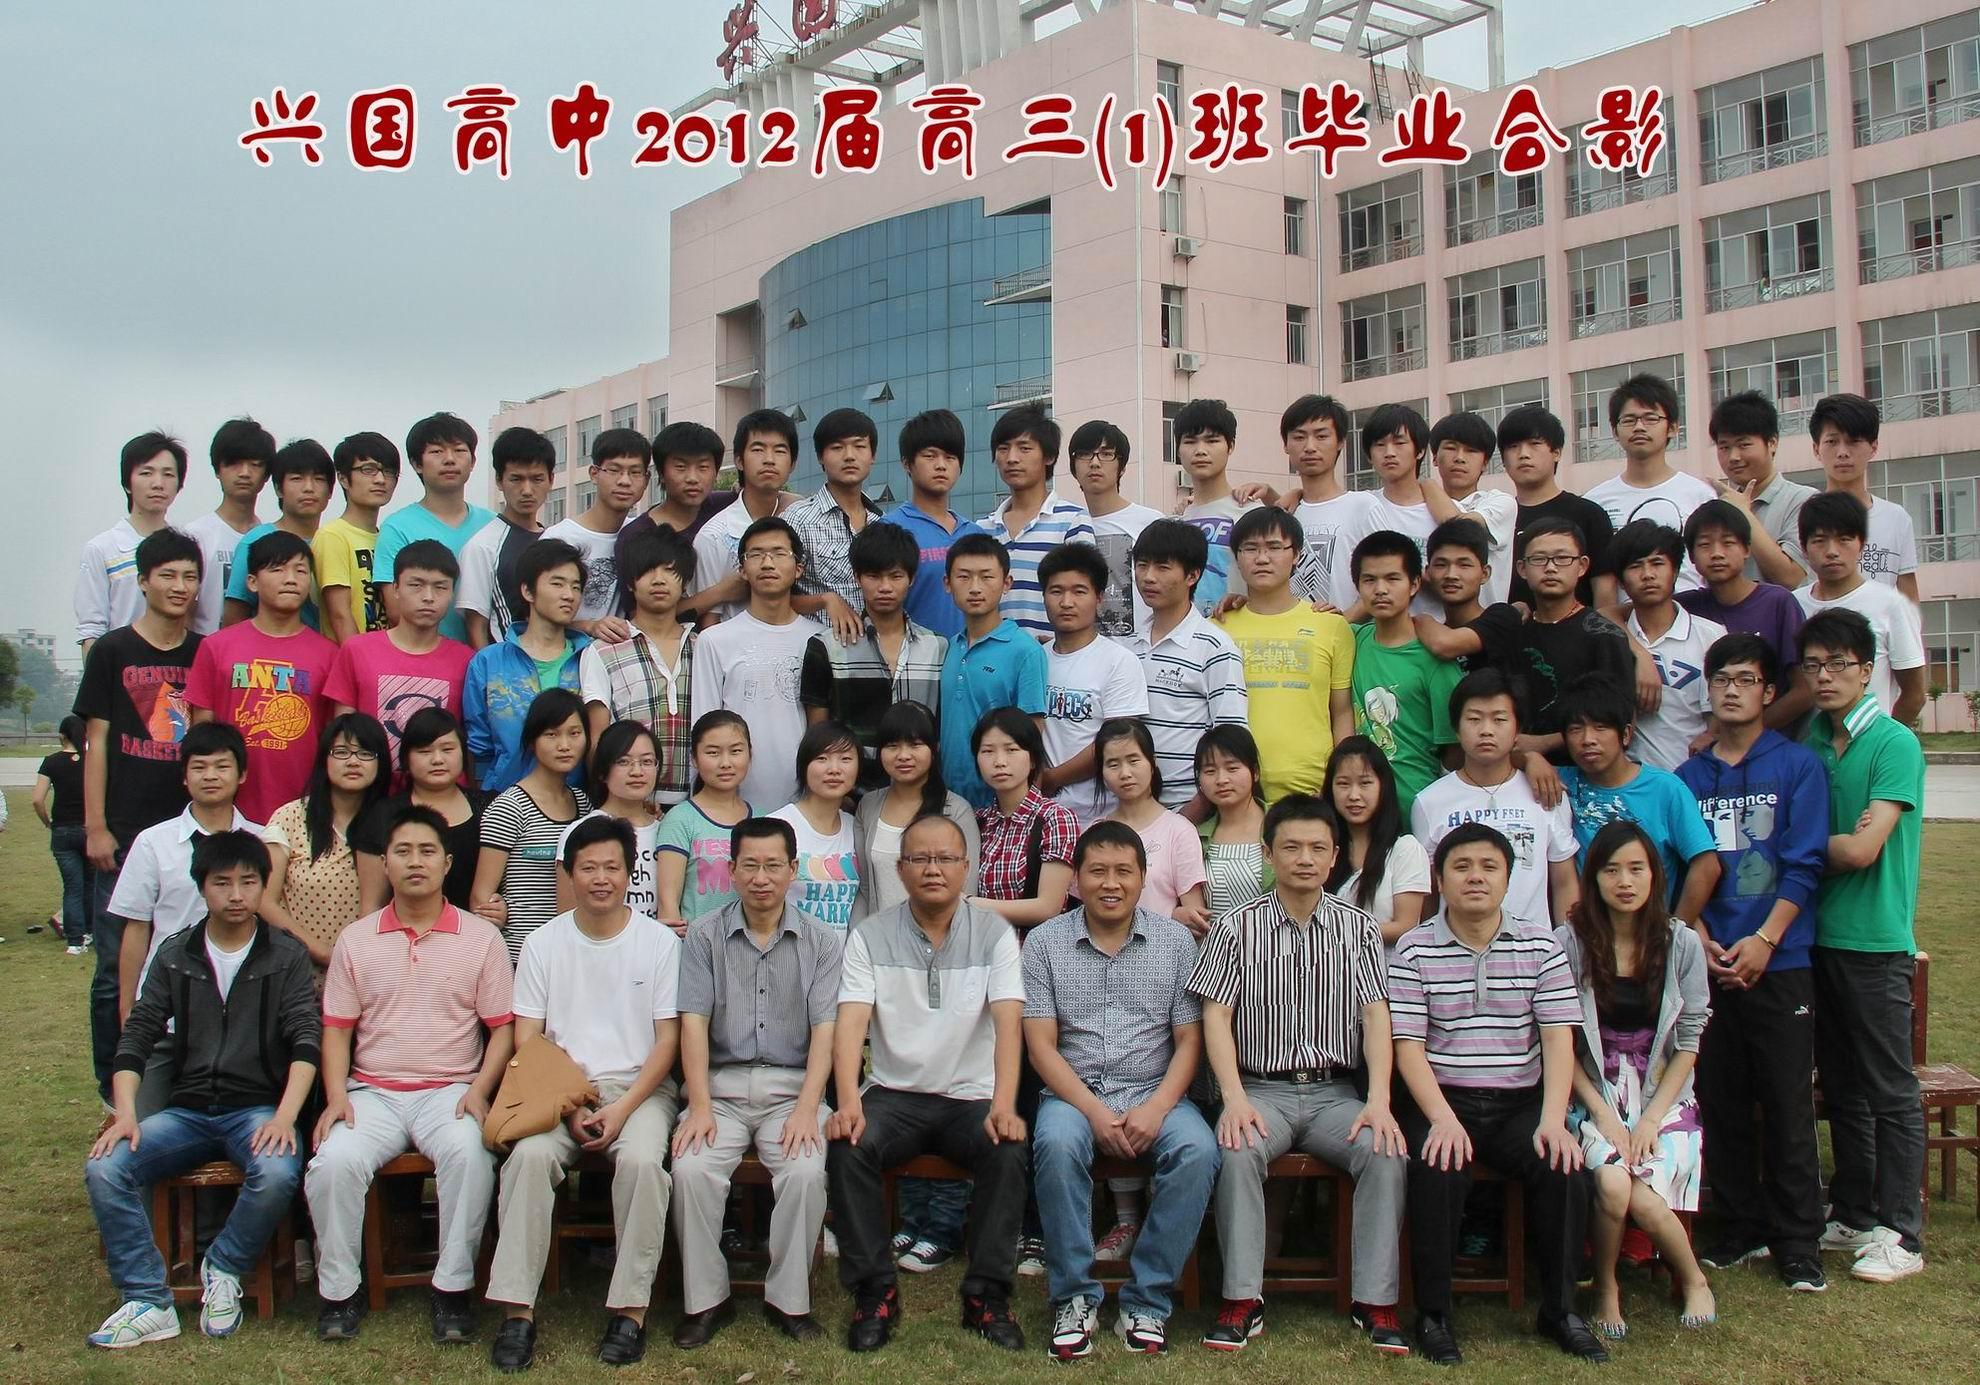 興國高中2012屆同學畢業相冊